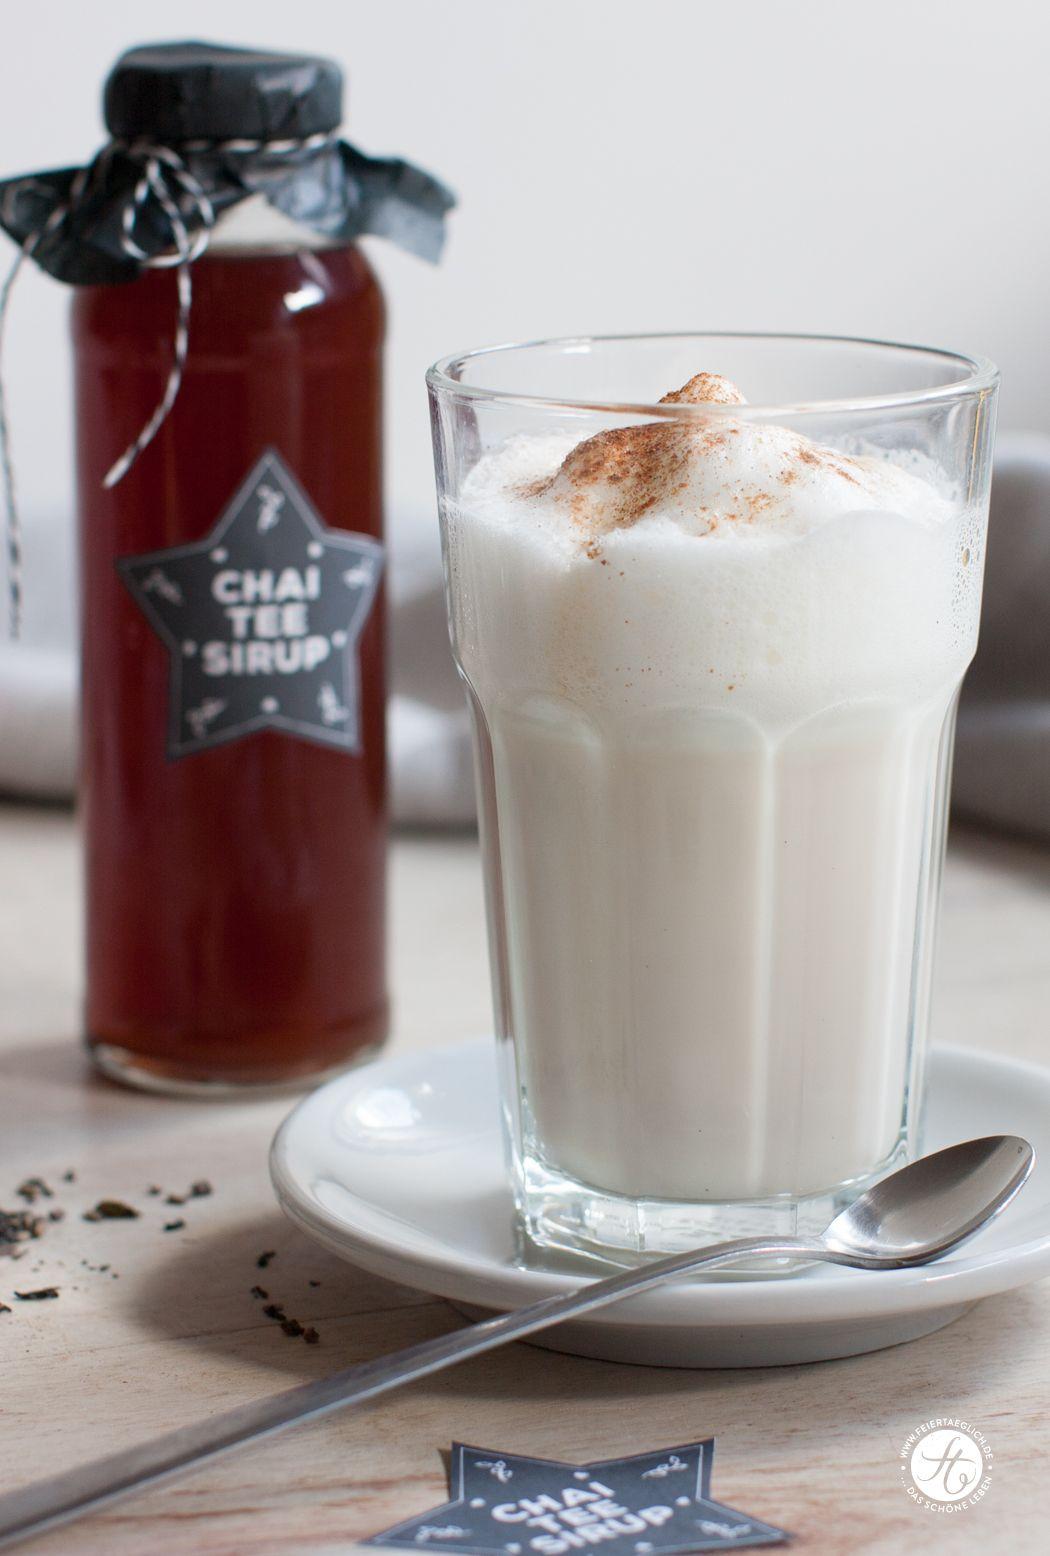 Geschenke aus der Küche: Chai-Tee-Sirup | christmas. inspiration ...